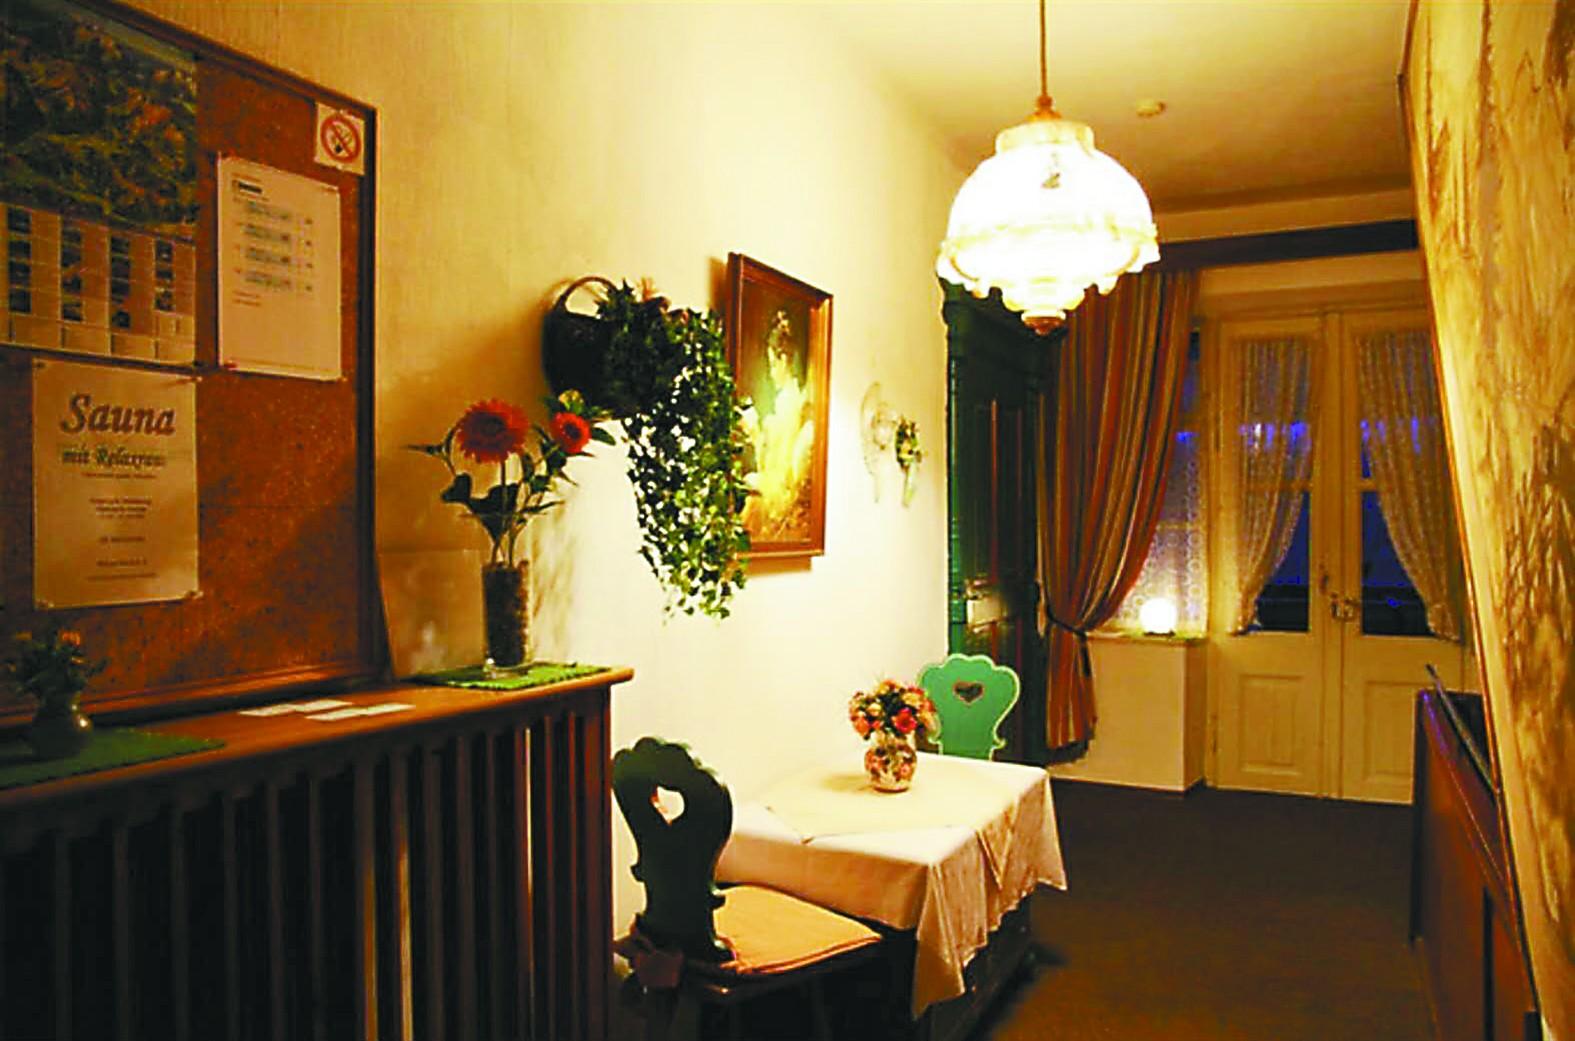 入住德国家庭小酒店:服务傲慢,感觉被歧视